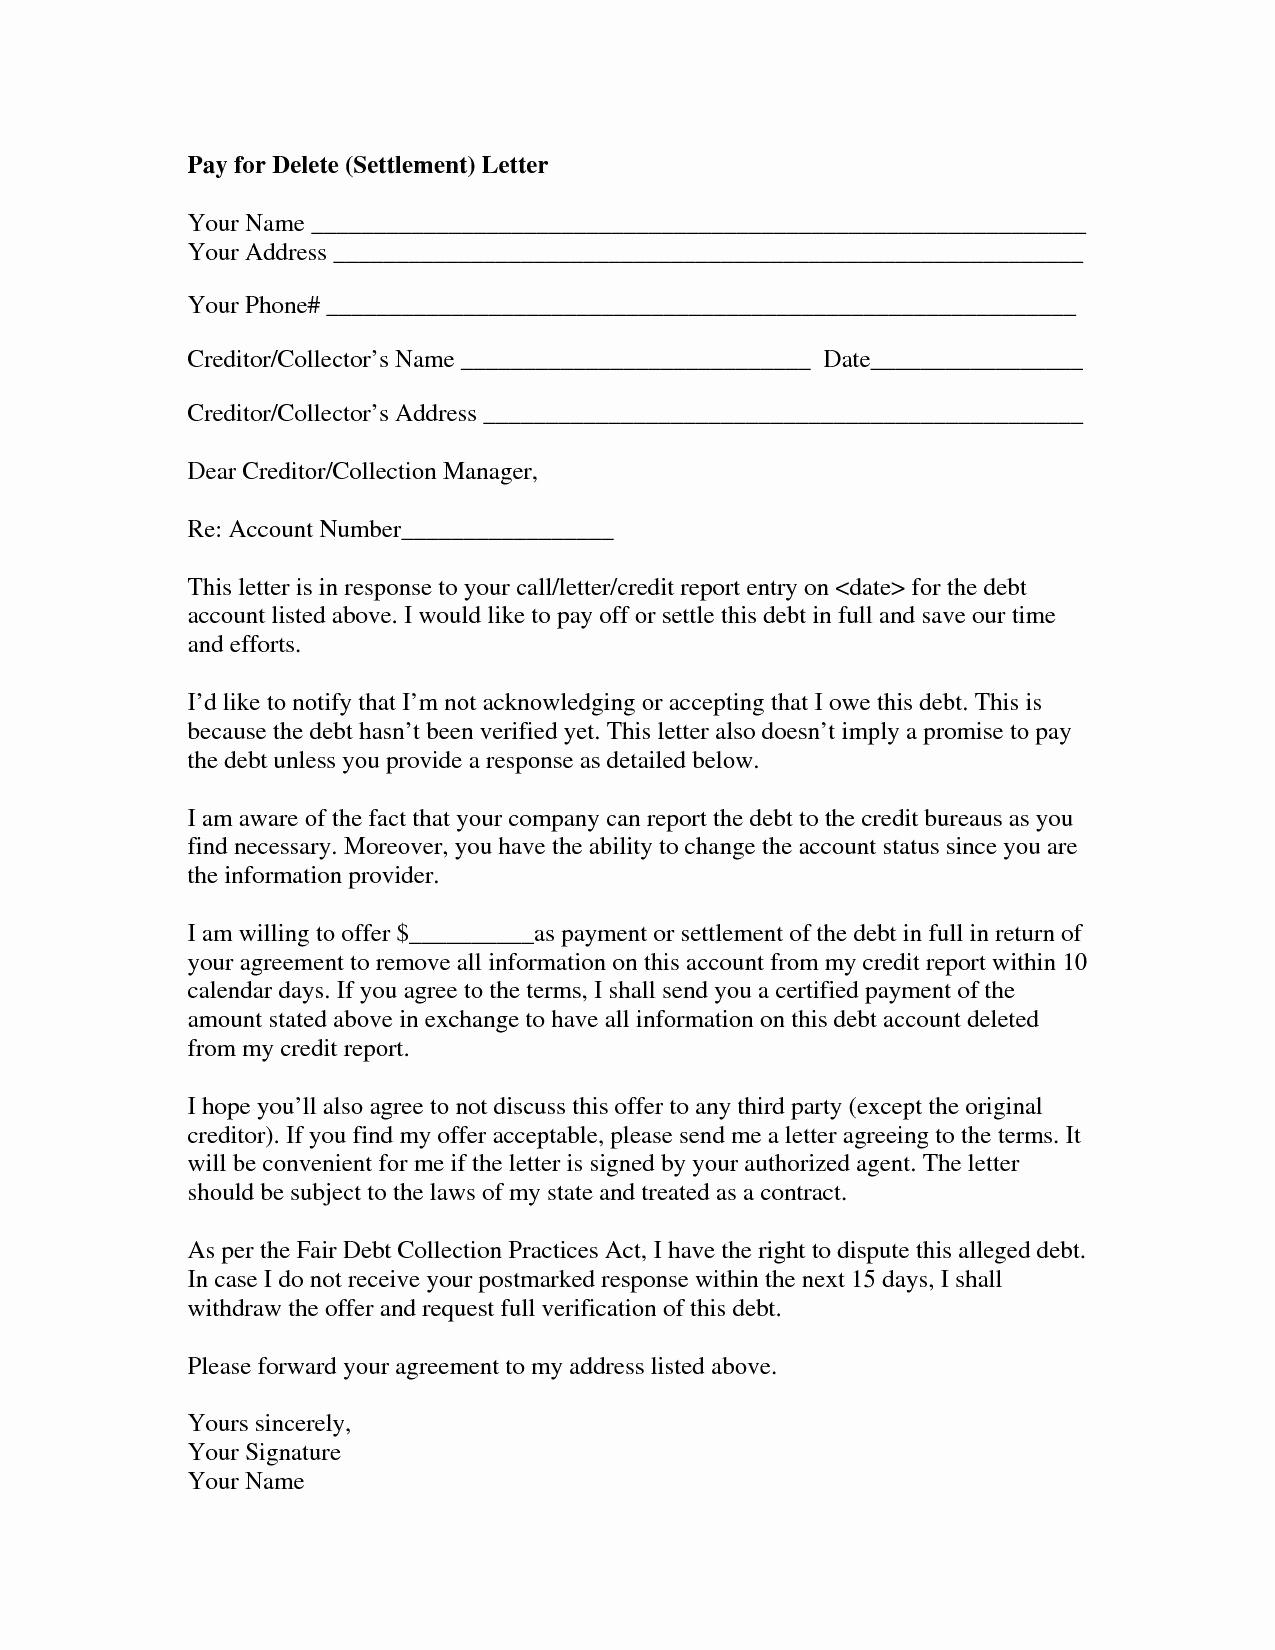 Legal Settlement Offer Letter Template - 20 Counter Fer Letter Samples